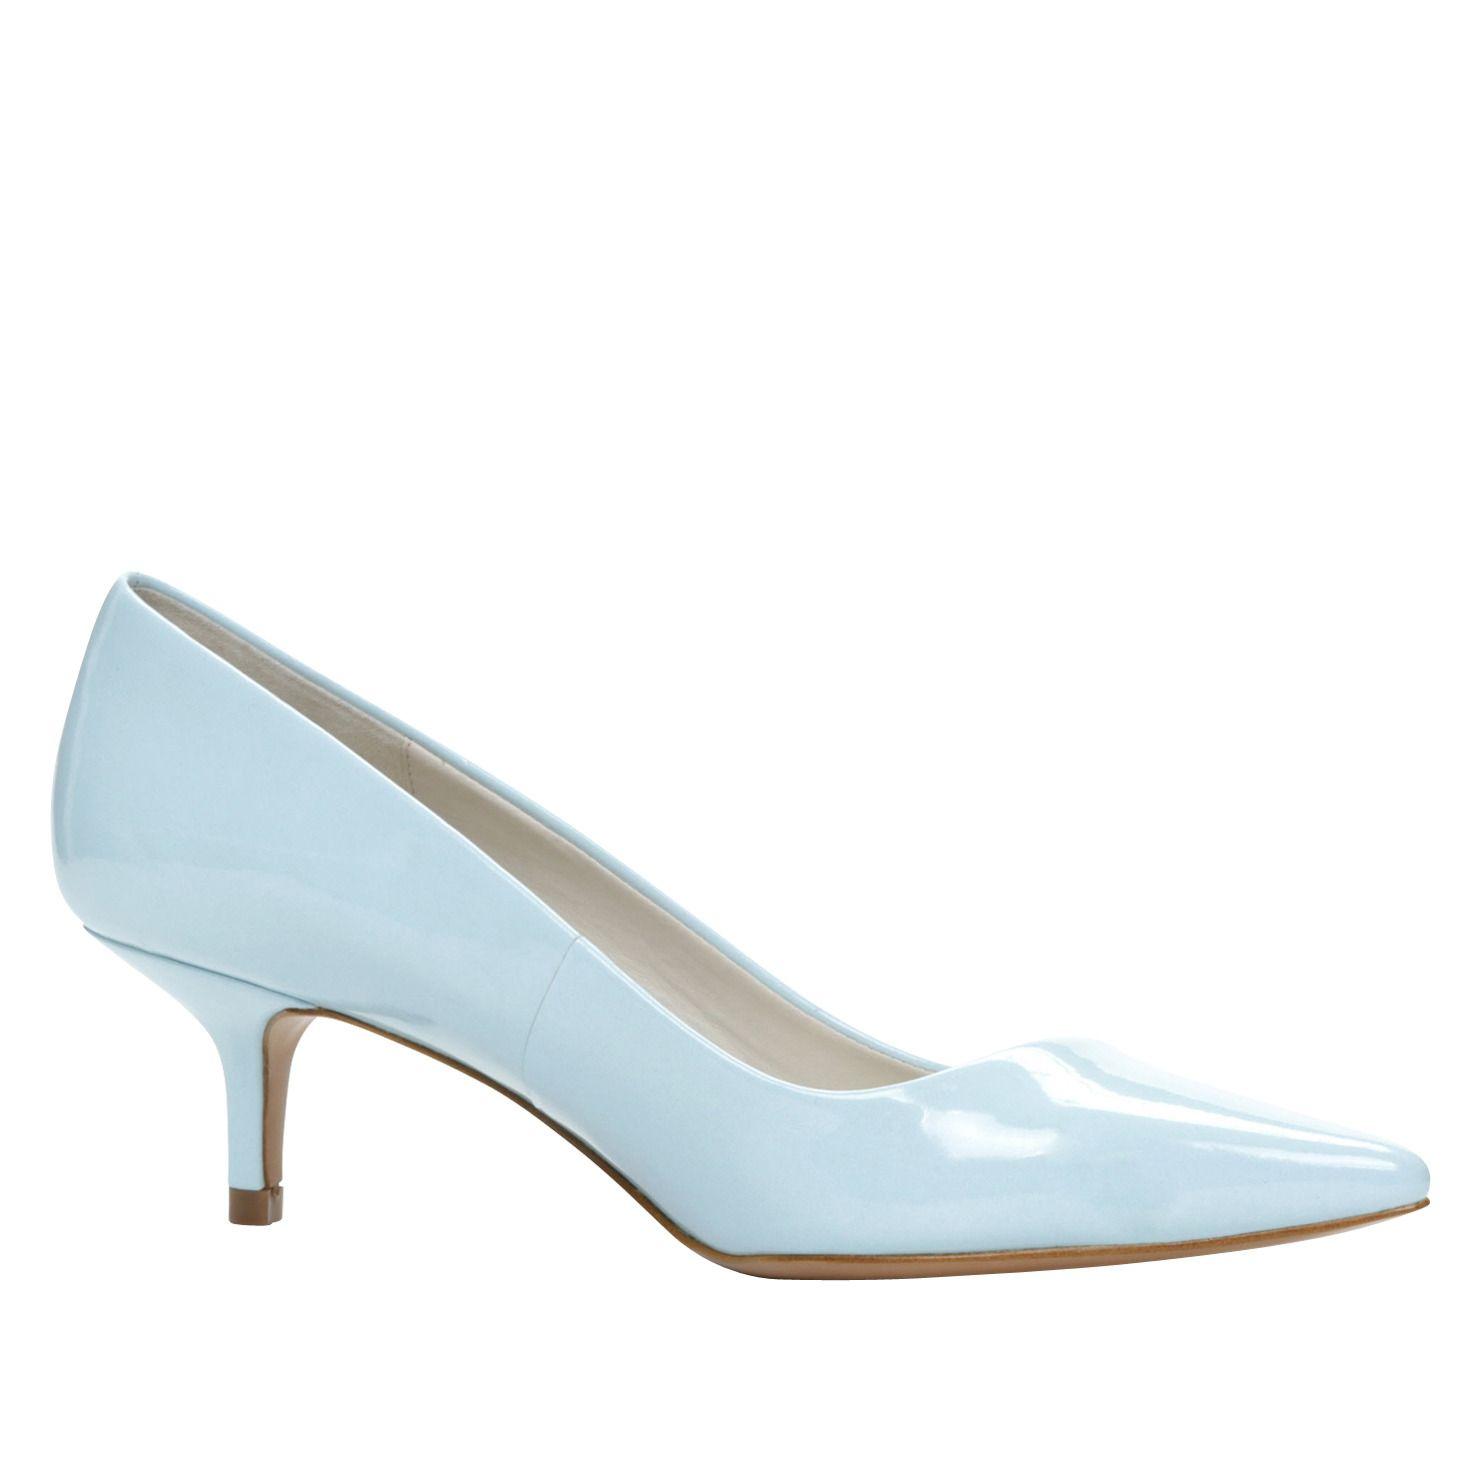 GRENAN - women's low-mid heels shoes